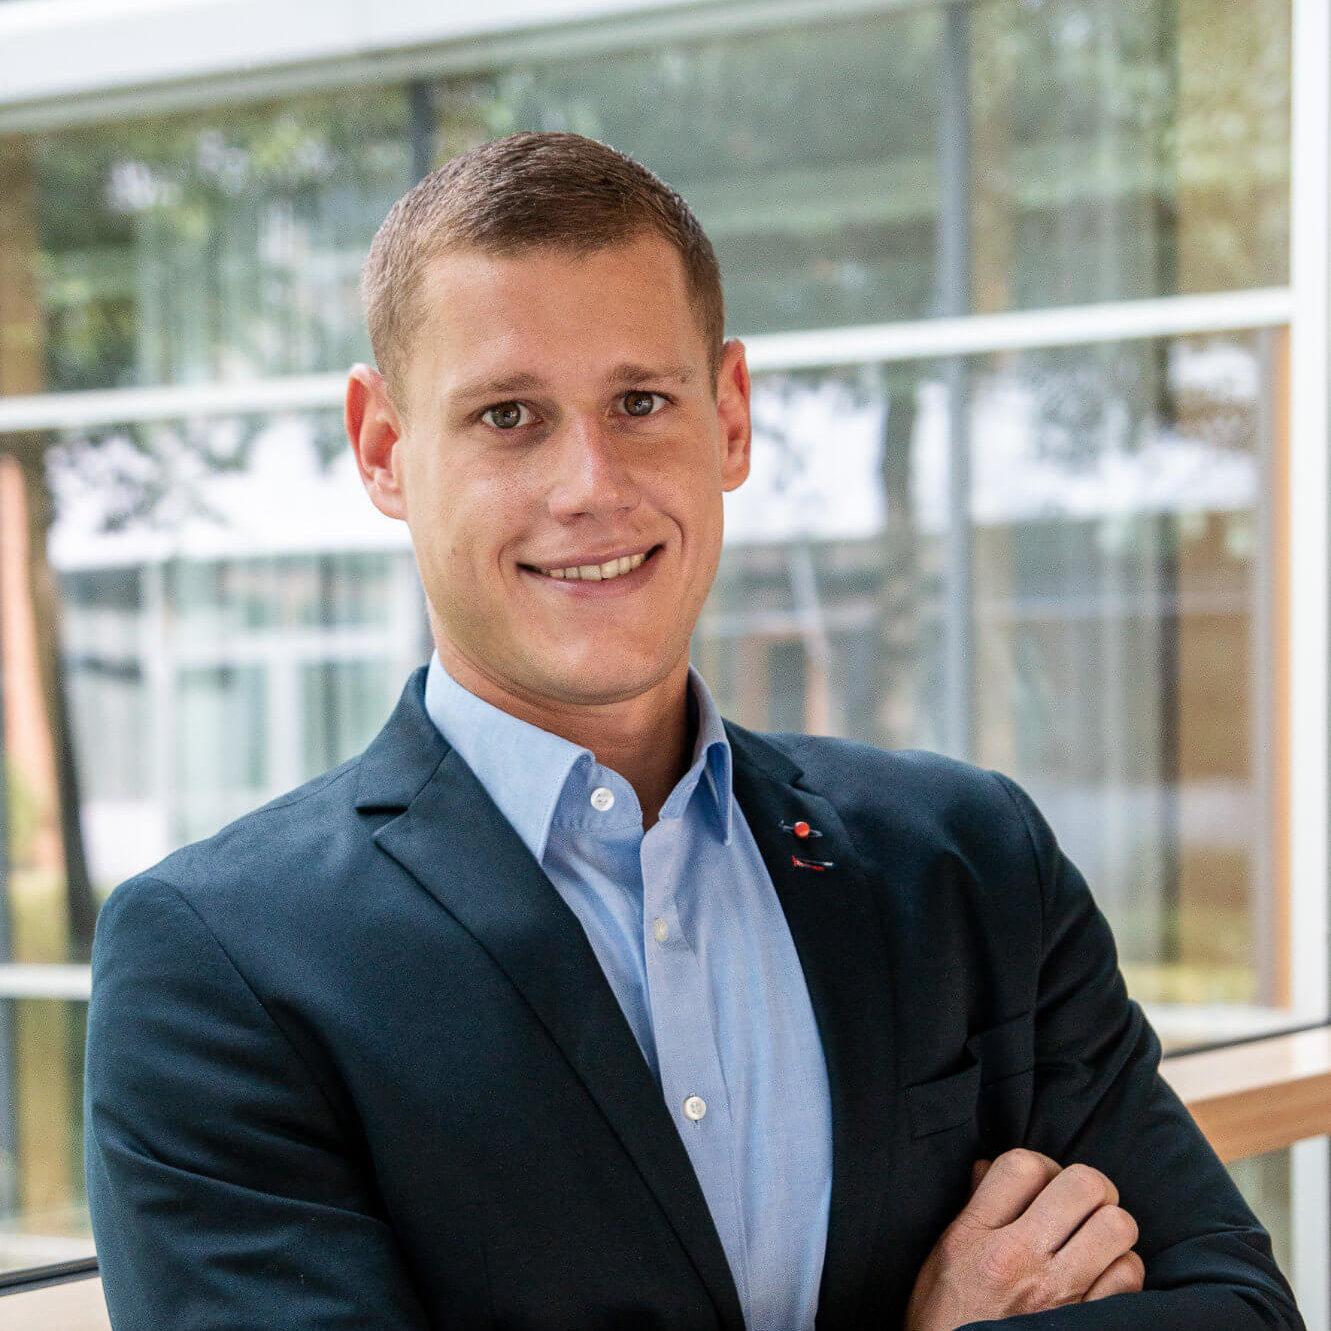 Profilbild Johannes Winkler